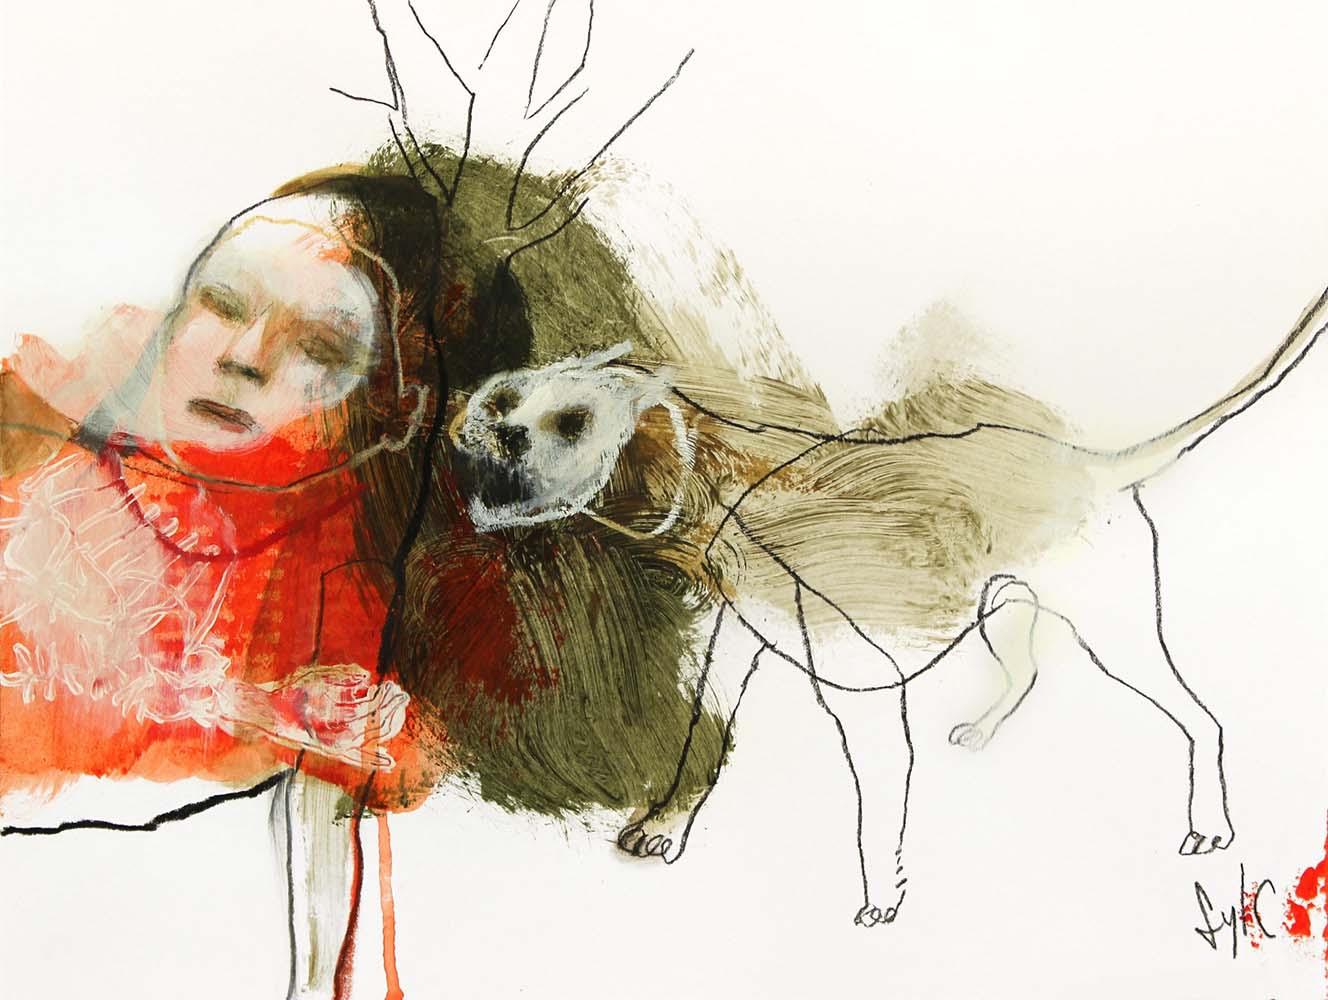 LA RONDE DES CHIENS FOUS, Dessin #14, 2014 - Fusain, acrylique & pastel gras sur papier, 30x40cm